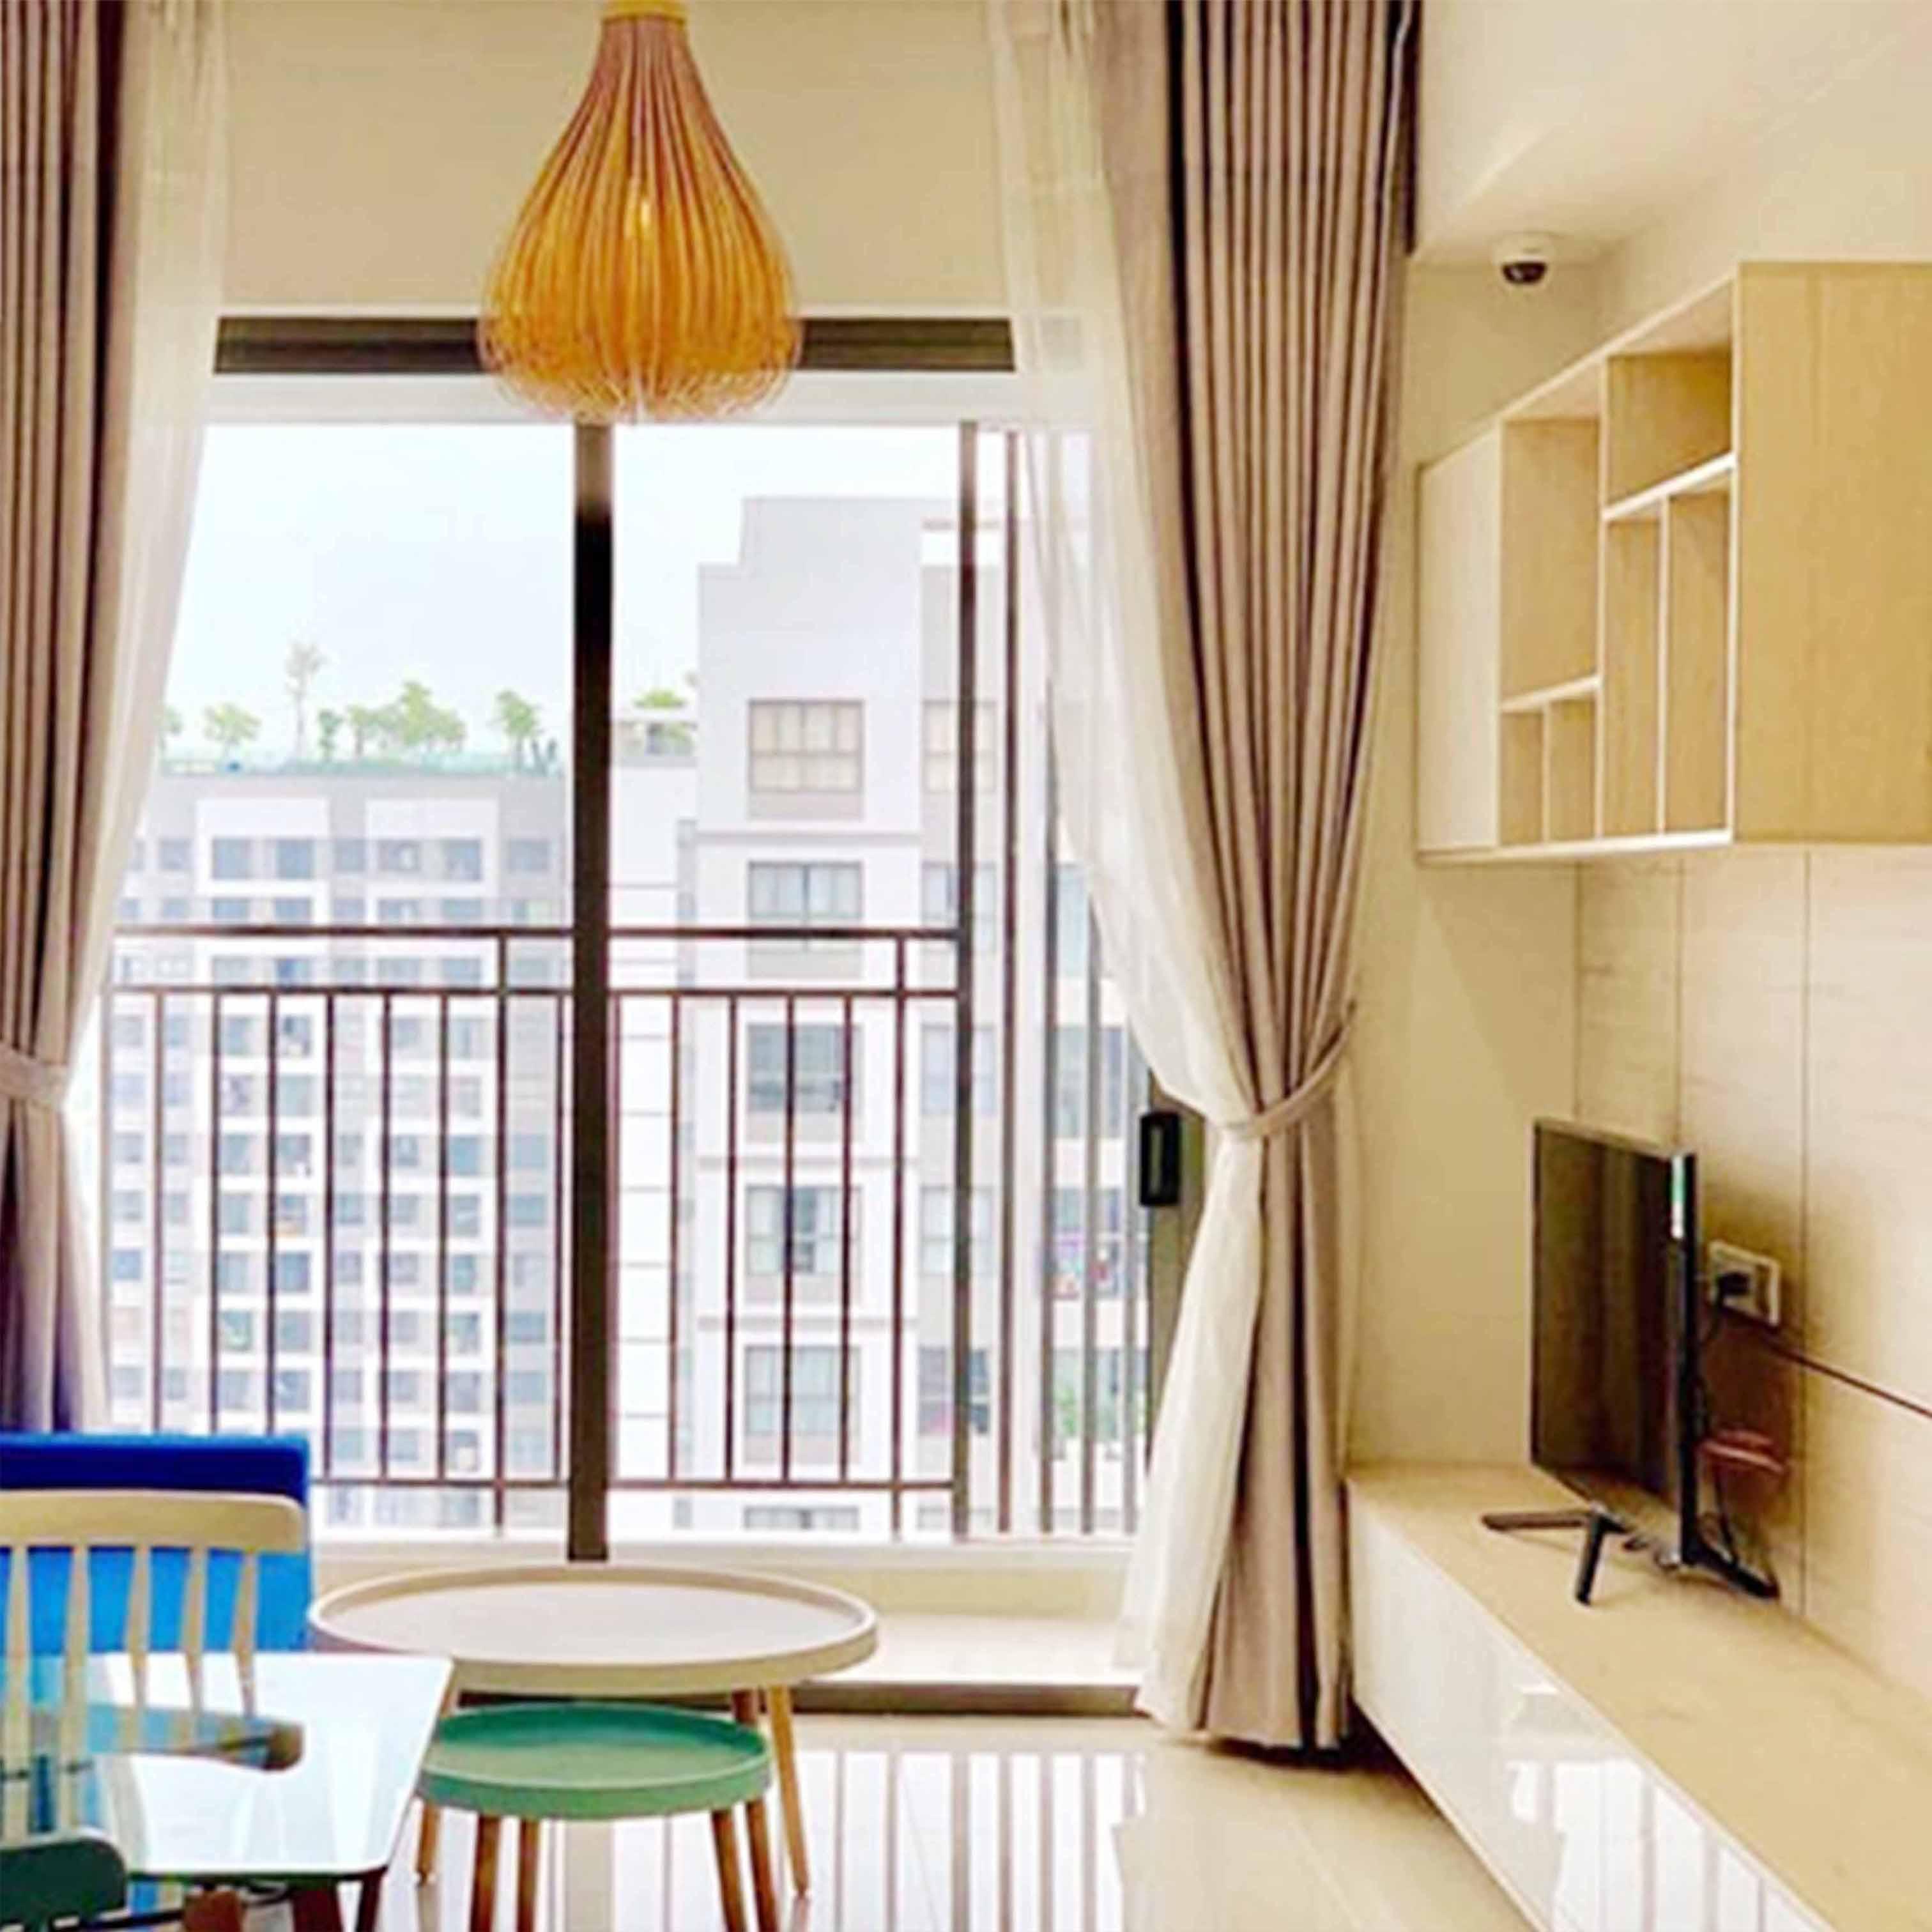 Thi công và thiết kế căn hộ chung cư tại Mỹ Đình - TK11LHFU